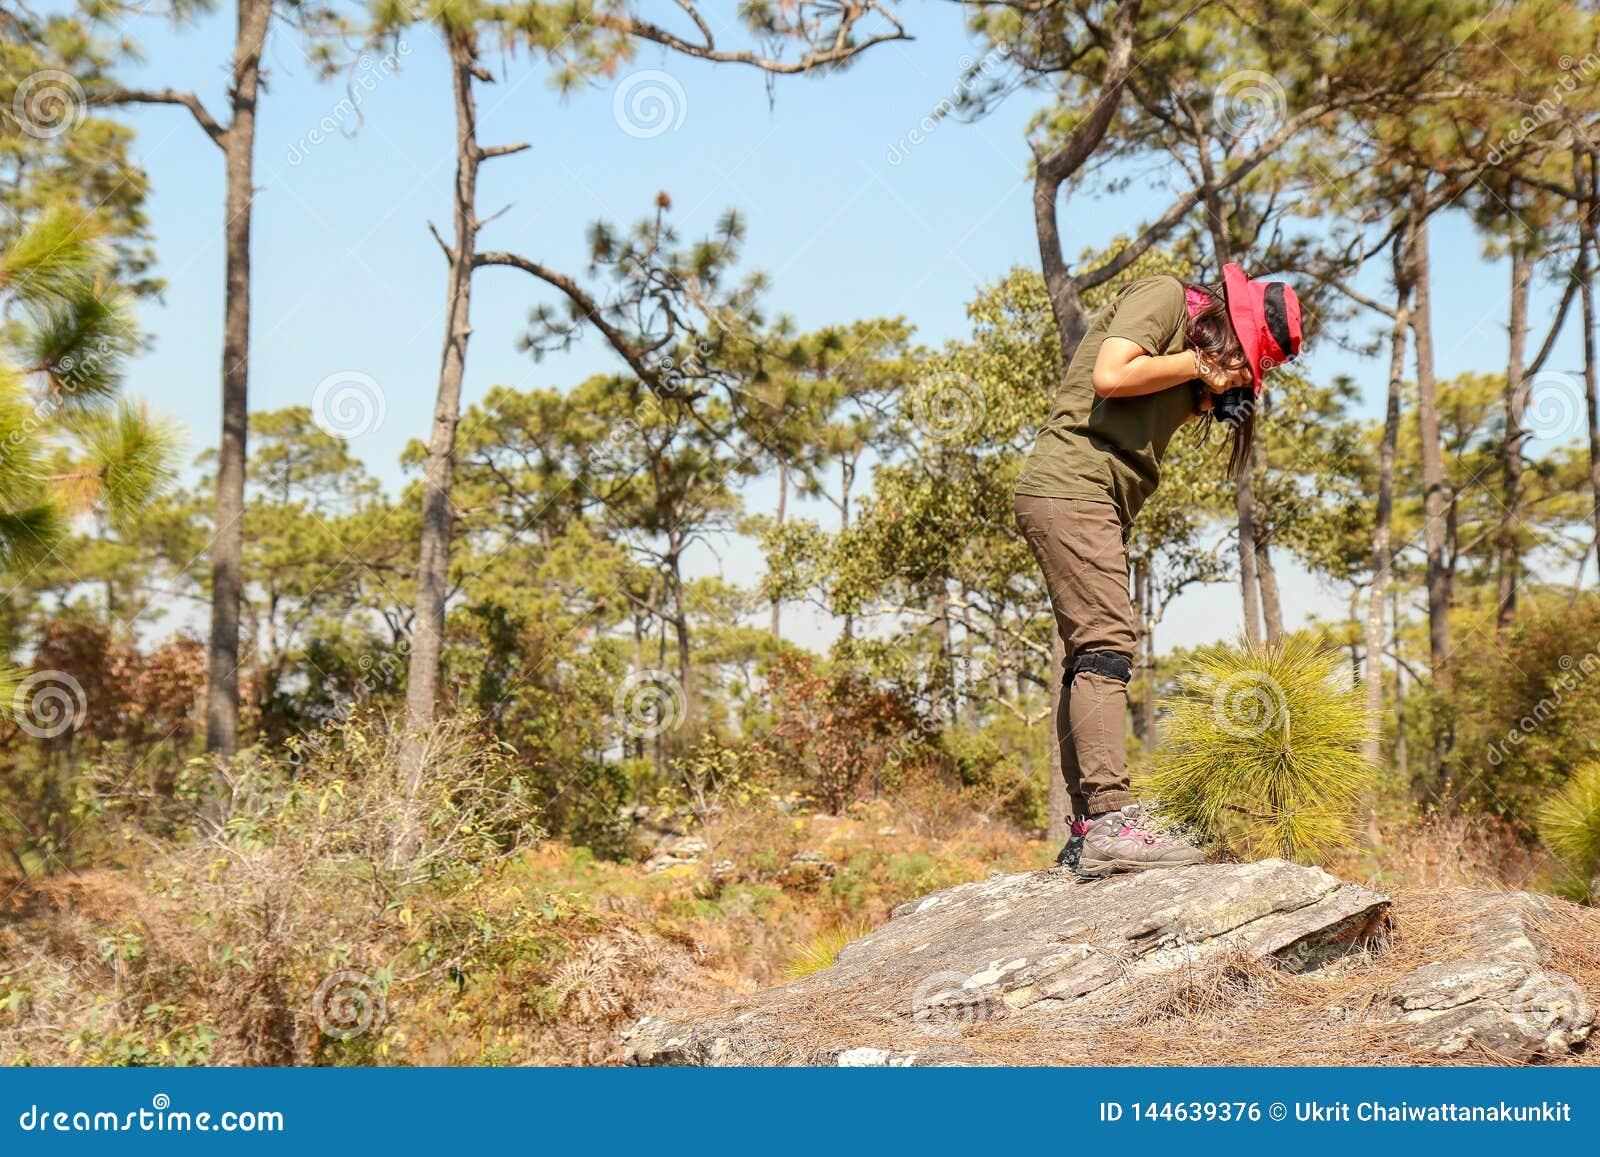 Extérieur de photographe en nature, femme prenant la photo, concept de relaxation de vacances de voyage